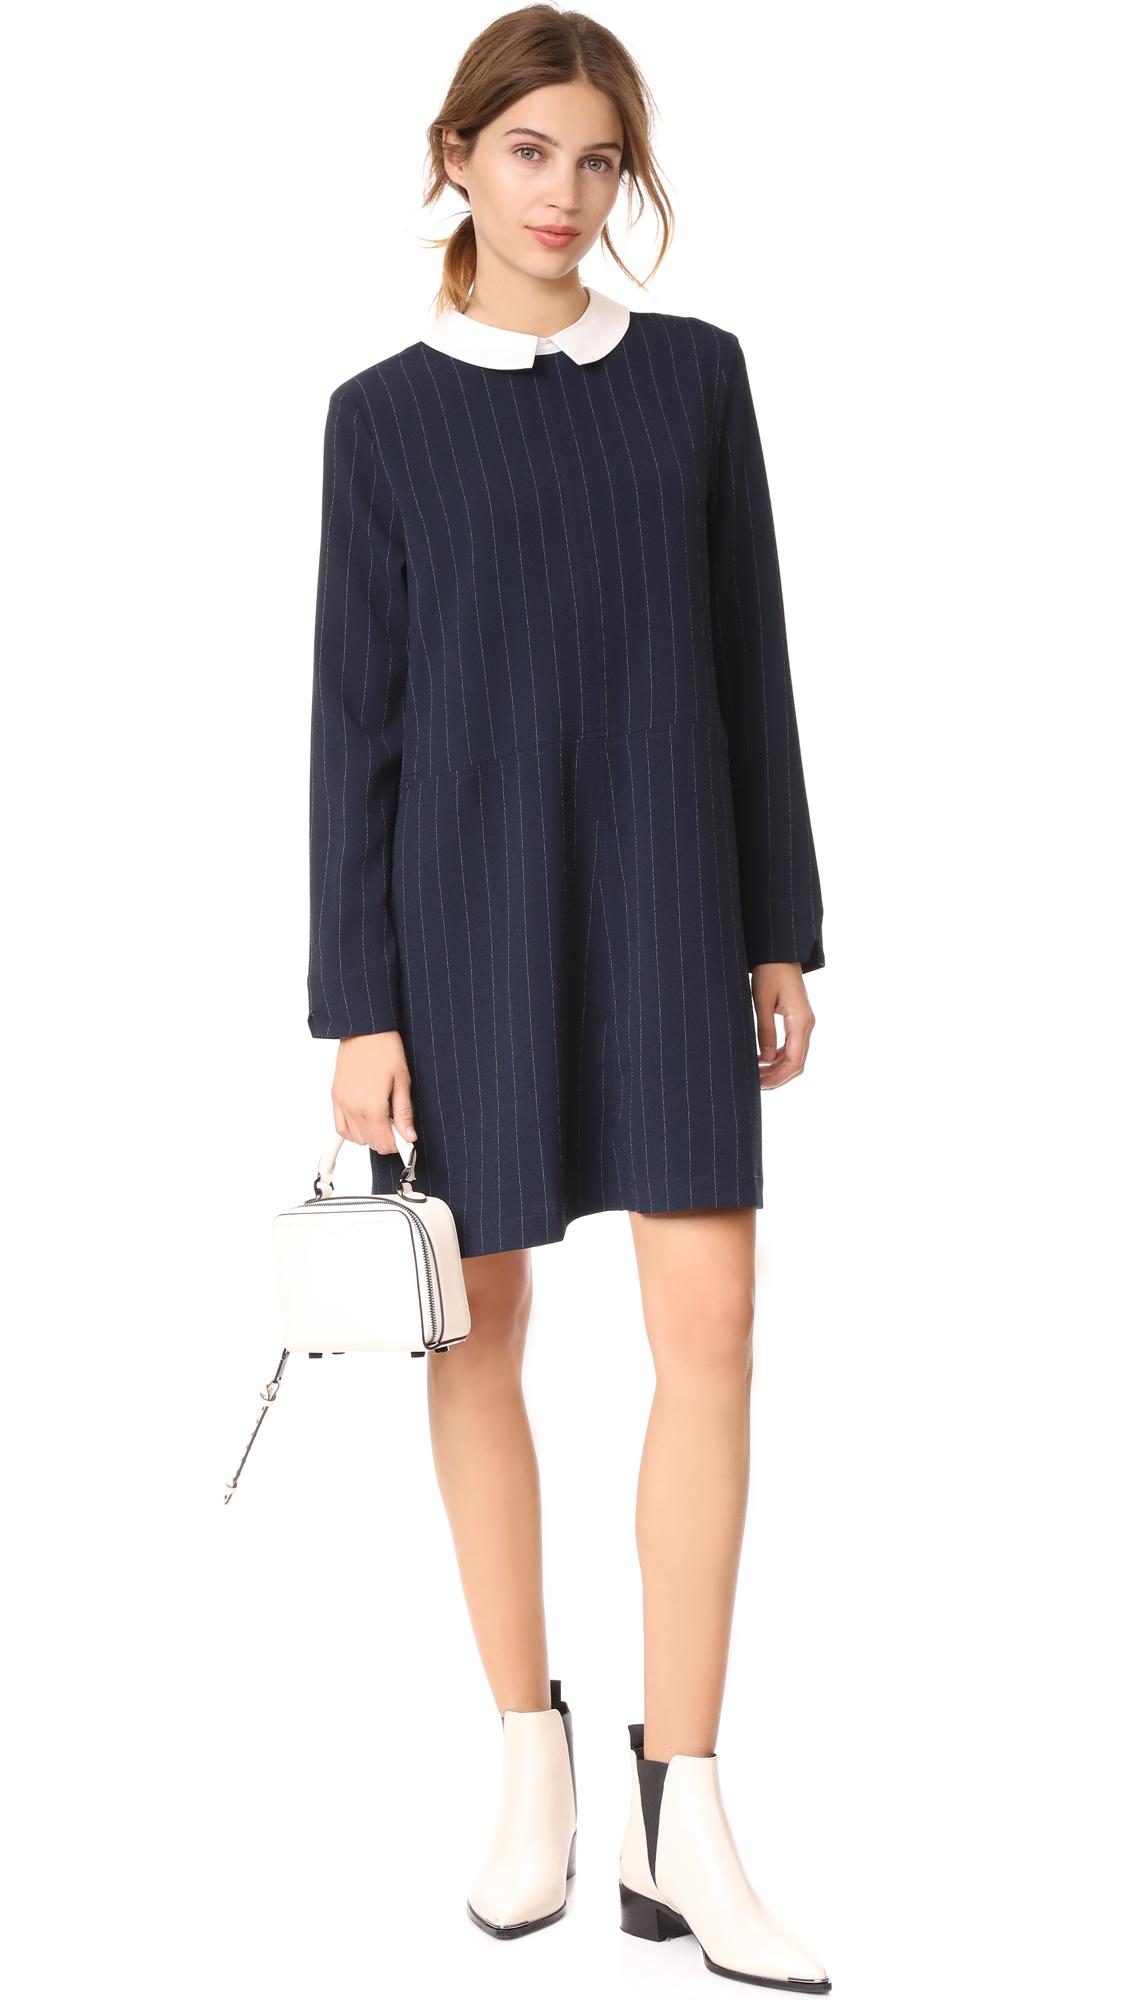 Shopbop Dress Clark Ganni Clark Dress Ganni Shopbop w0YnxqPp8w